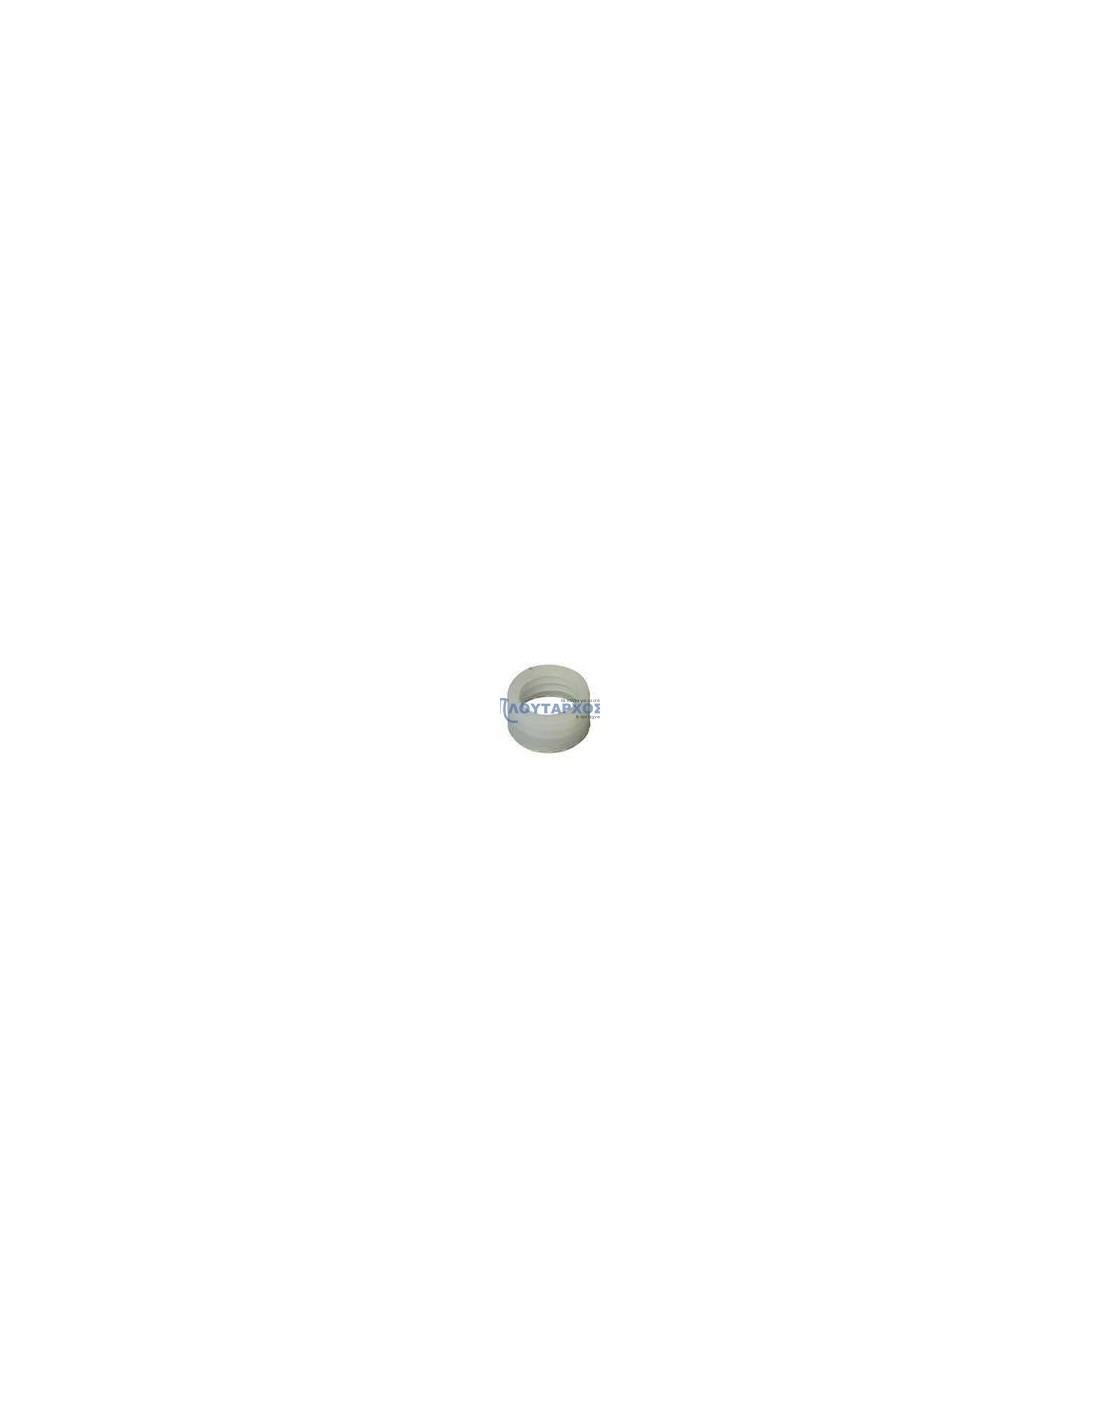 ... ΓΕΝΙΚΗΣ ΧΡΗΣΗΣ Σετ δαχτυλίδι με ρακόρ για σπιράλ ηλεκτρικής σκούπας  ΓΕΝΙΚΗΣ ΧΡΗΣΗΣ Σωλήνες Ηλεκτρικής Σκούπας cf038d7b50f